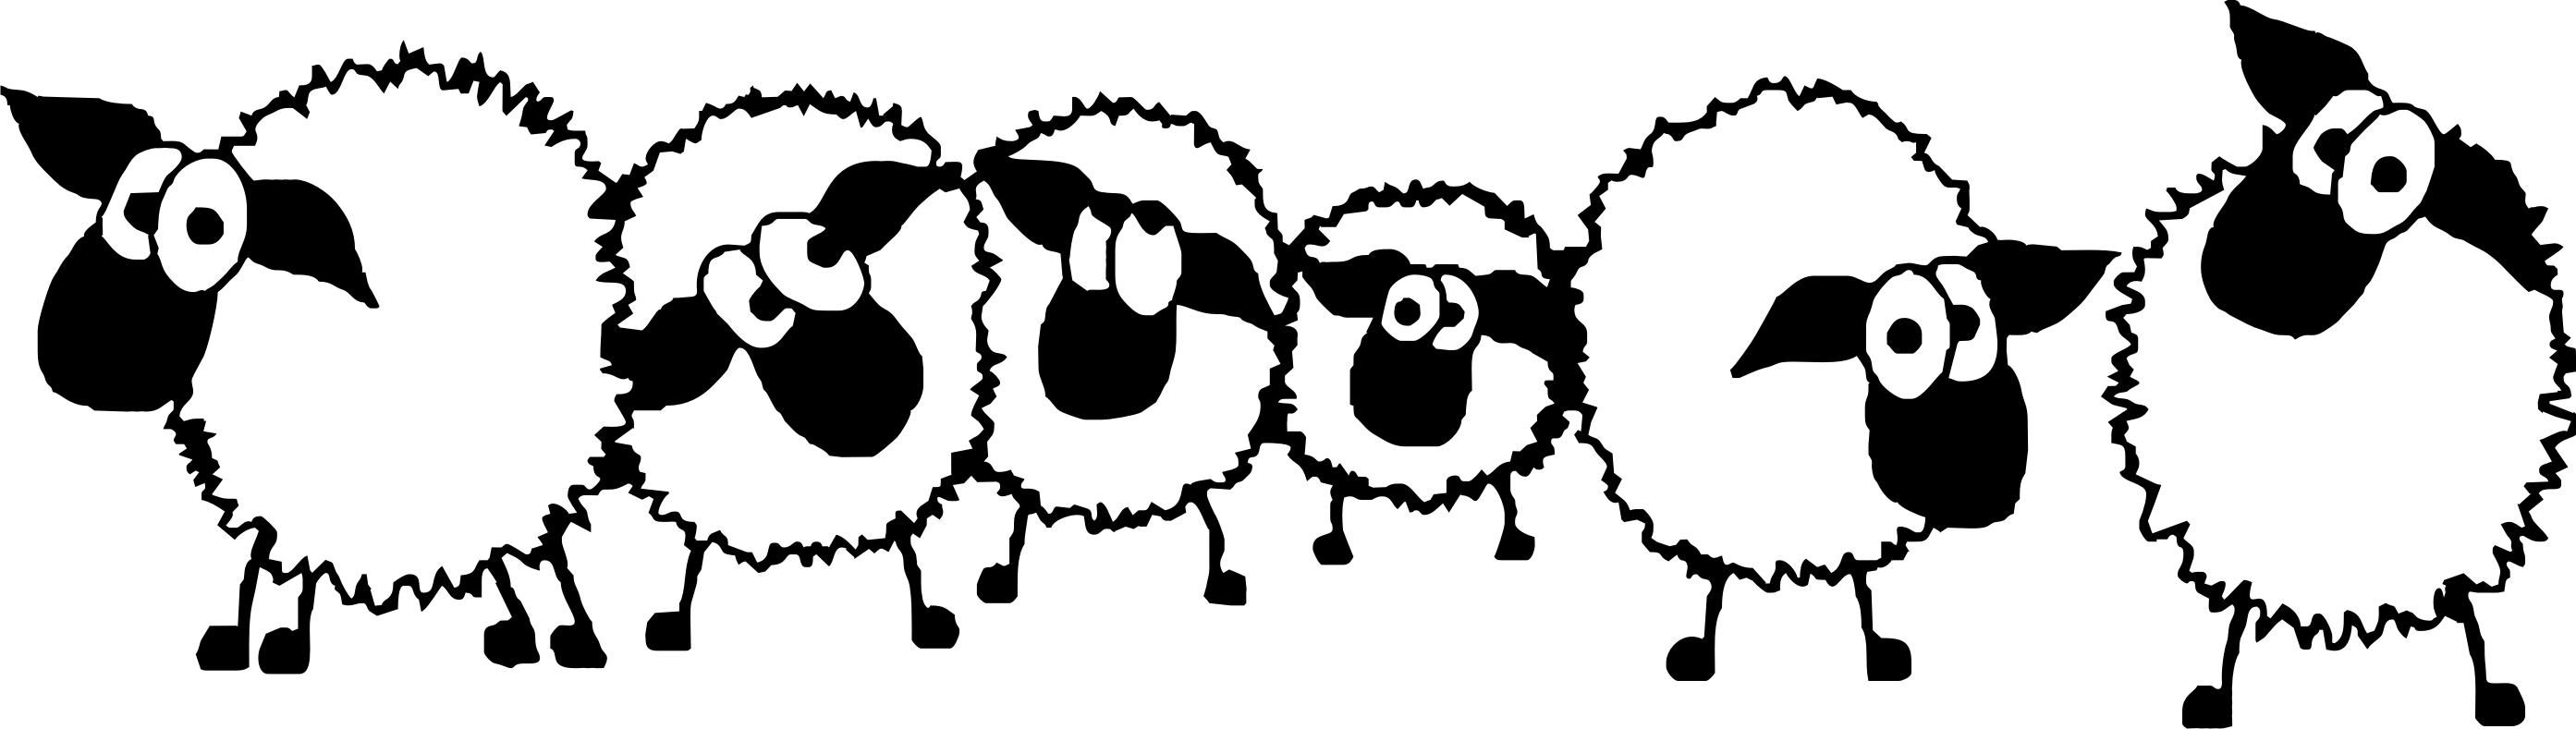 lamb clip art cartoon - photo #48